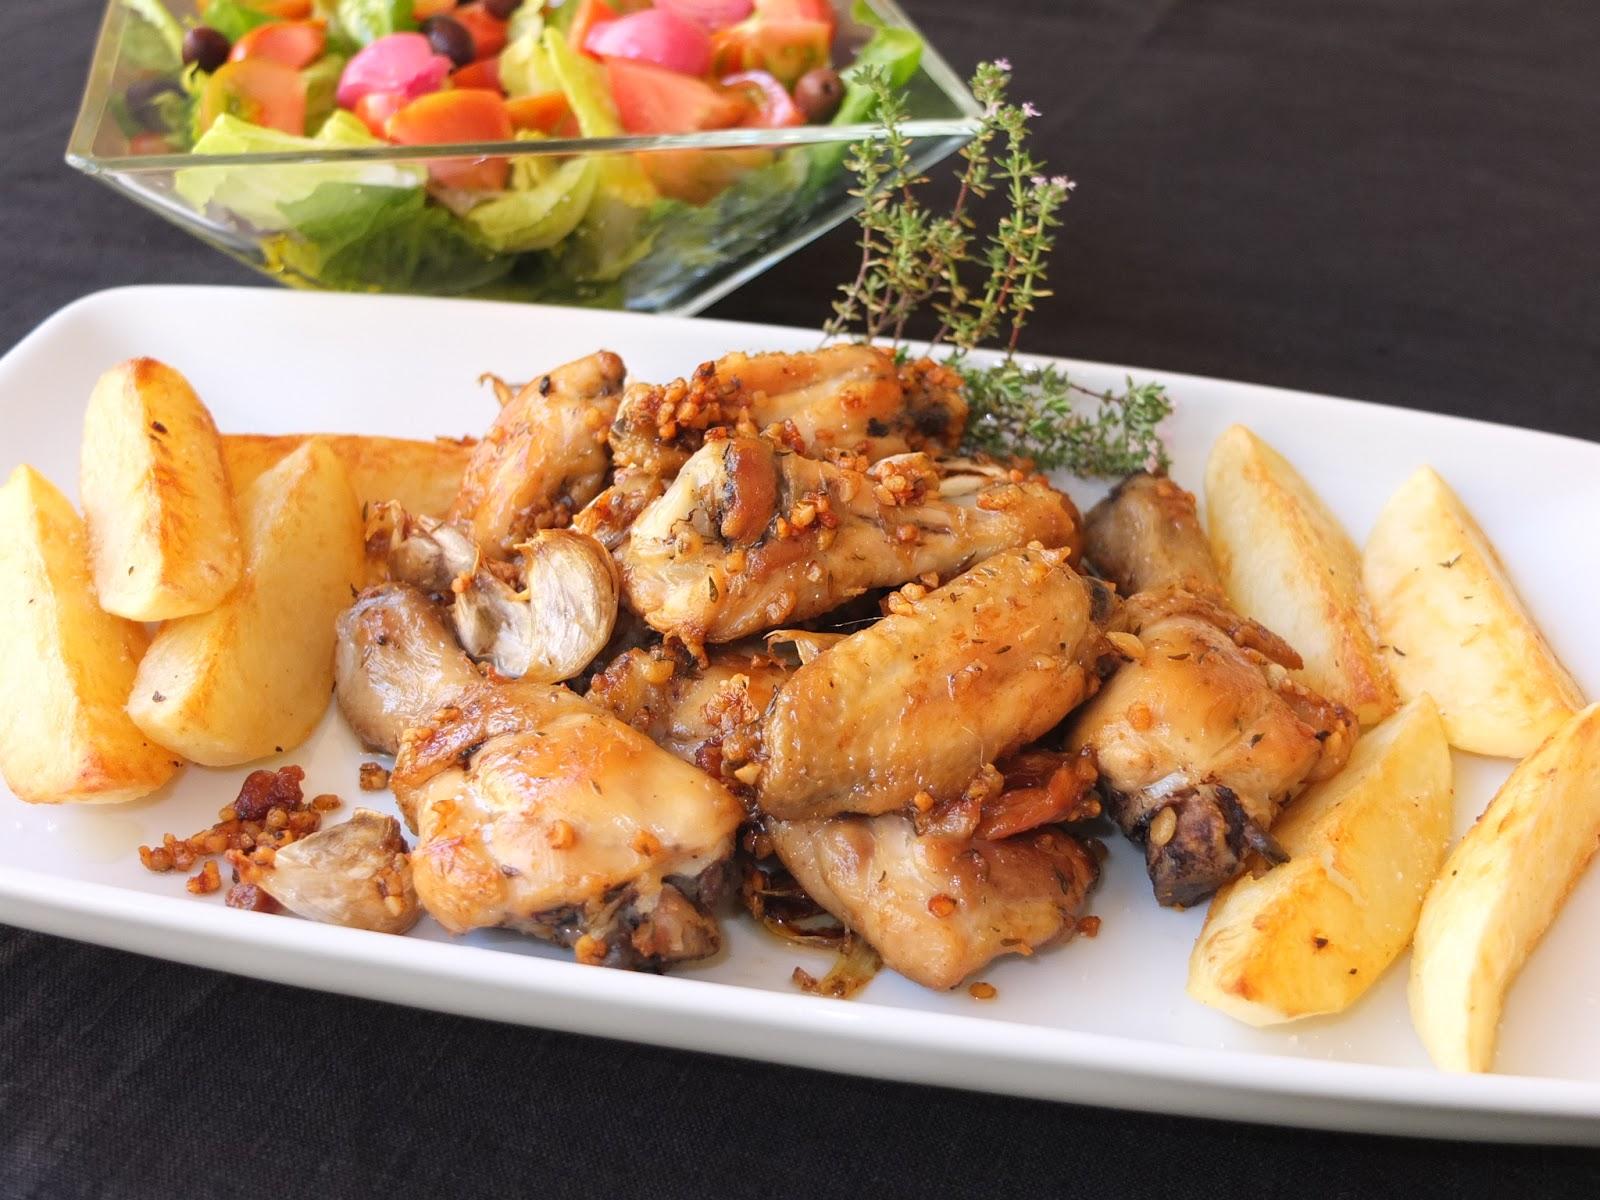 Cocinando con lola garc a pollo al ajillo con patatas - Cocinar pollo al ajillo ...